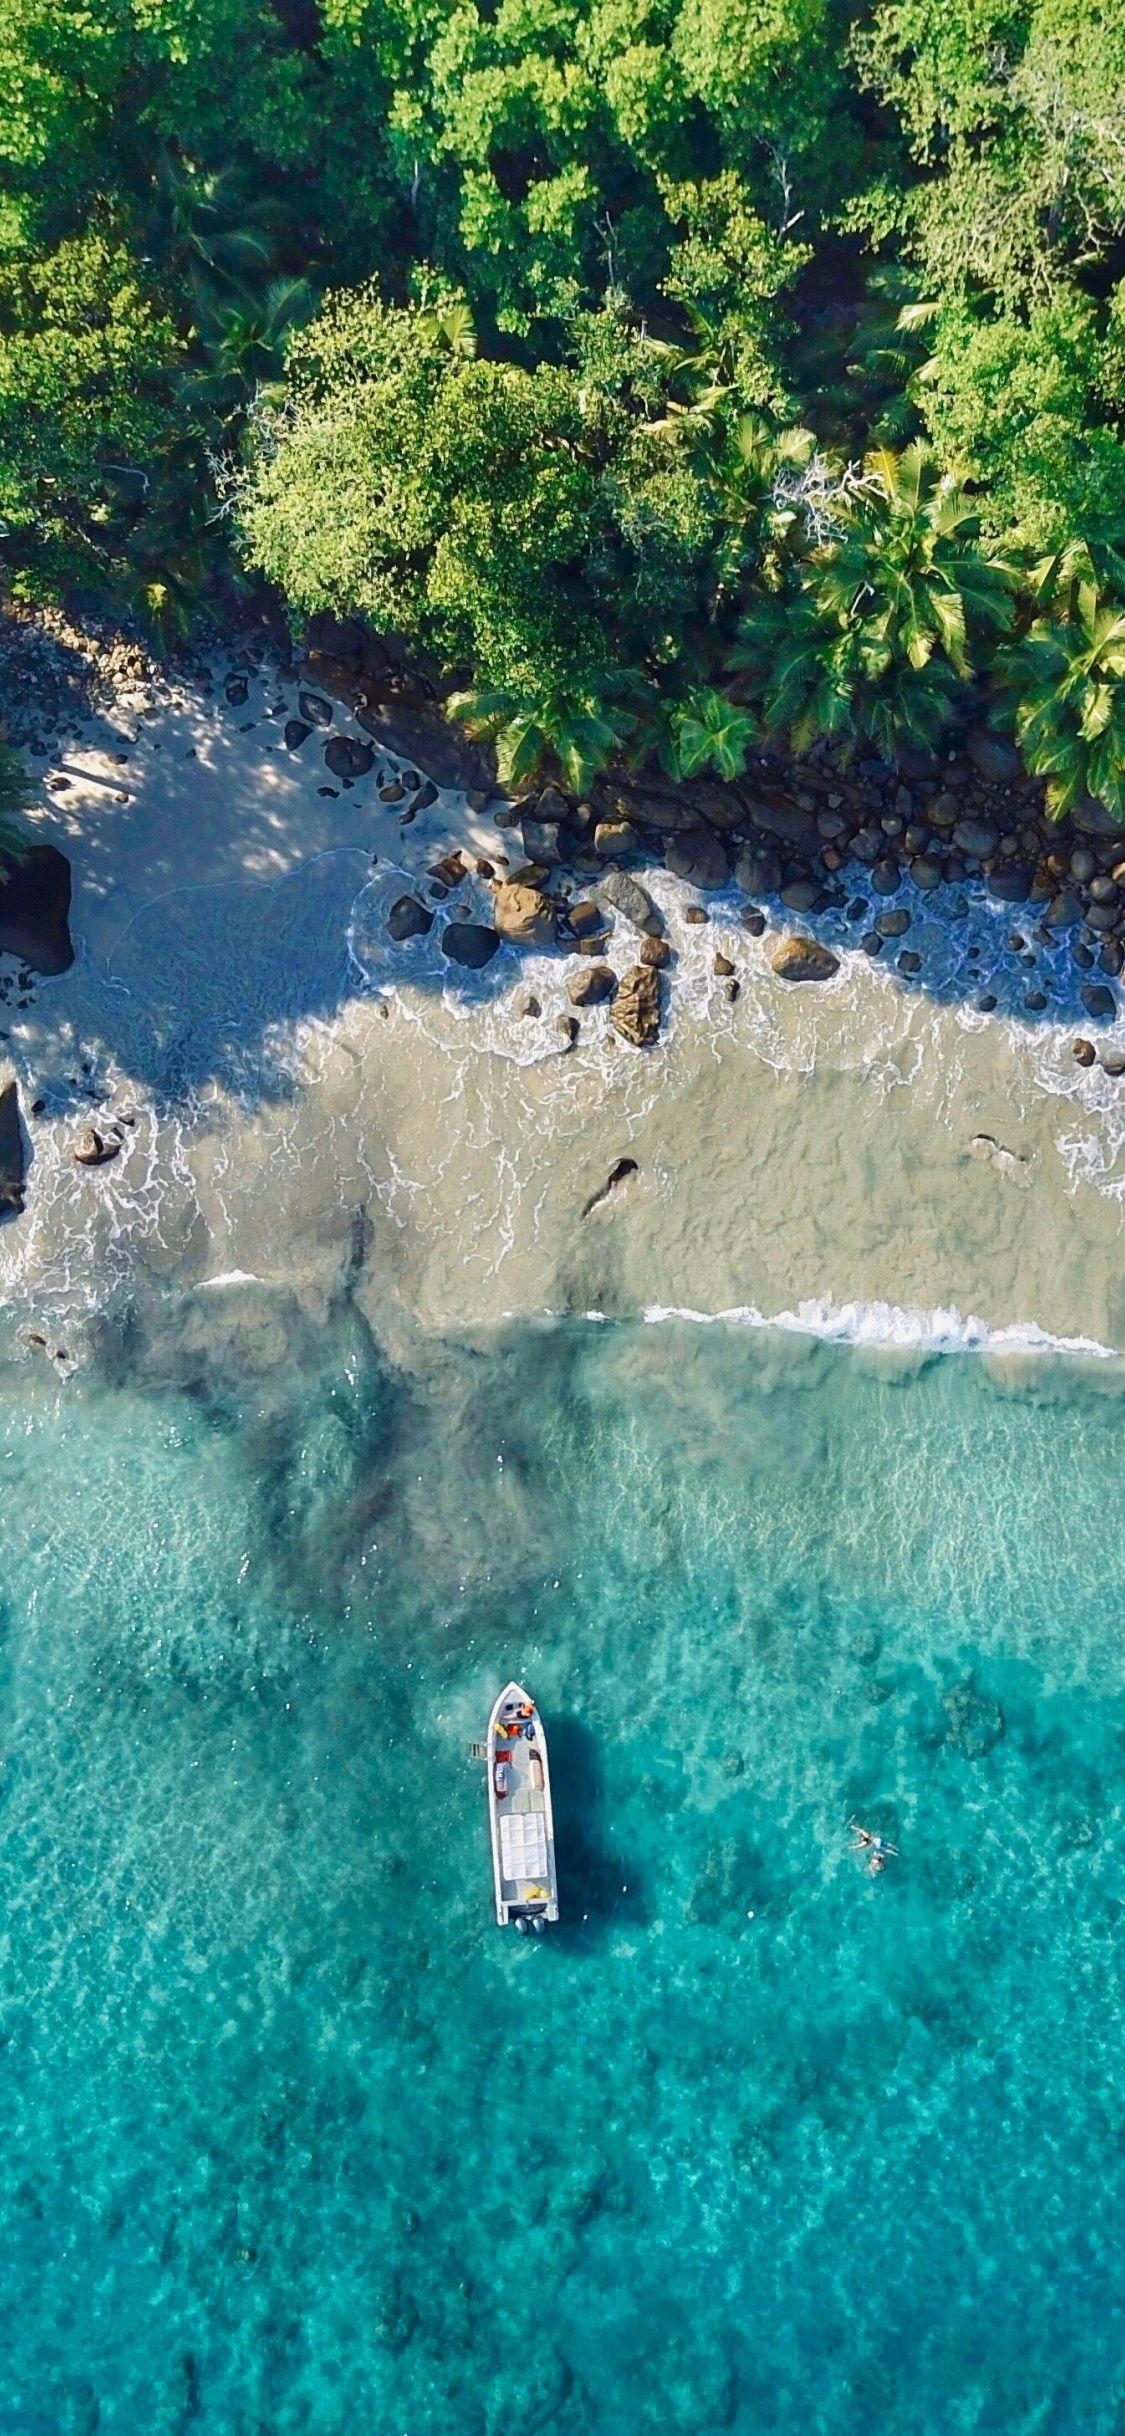 Beach Boat Blue Sea Rocks Aerial View 1125x2436 Wallpaper November Wallpaper Beach Wallpaper Iphone Wallpaper Ocean Wallpaper coast aerial view sea boat